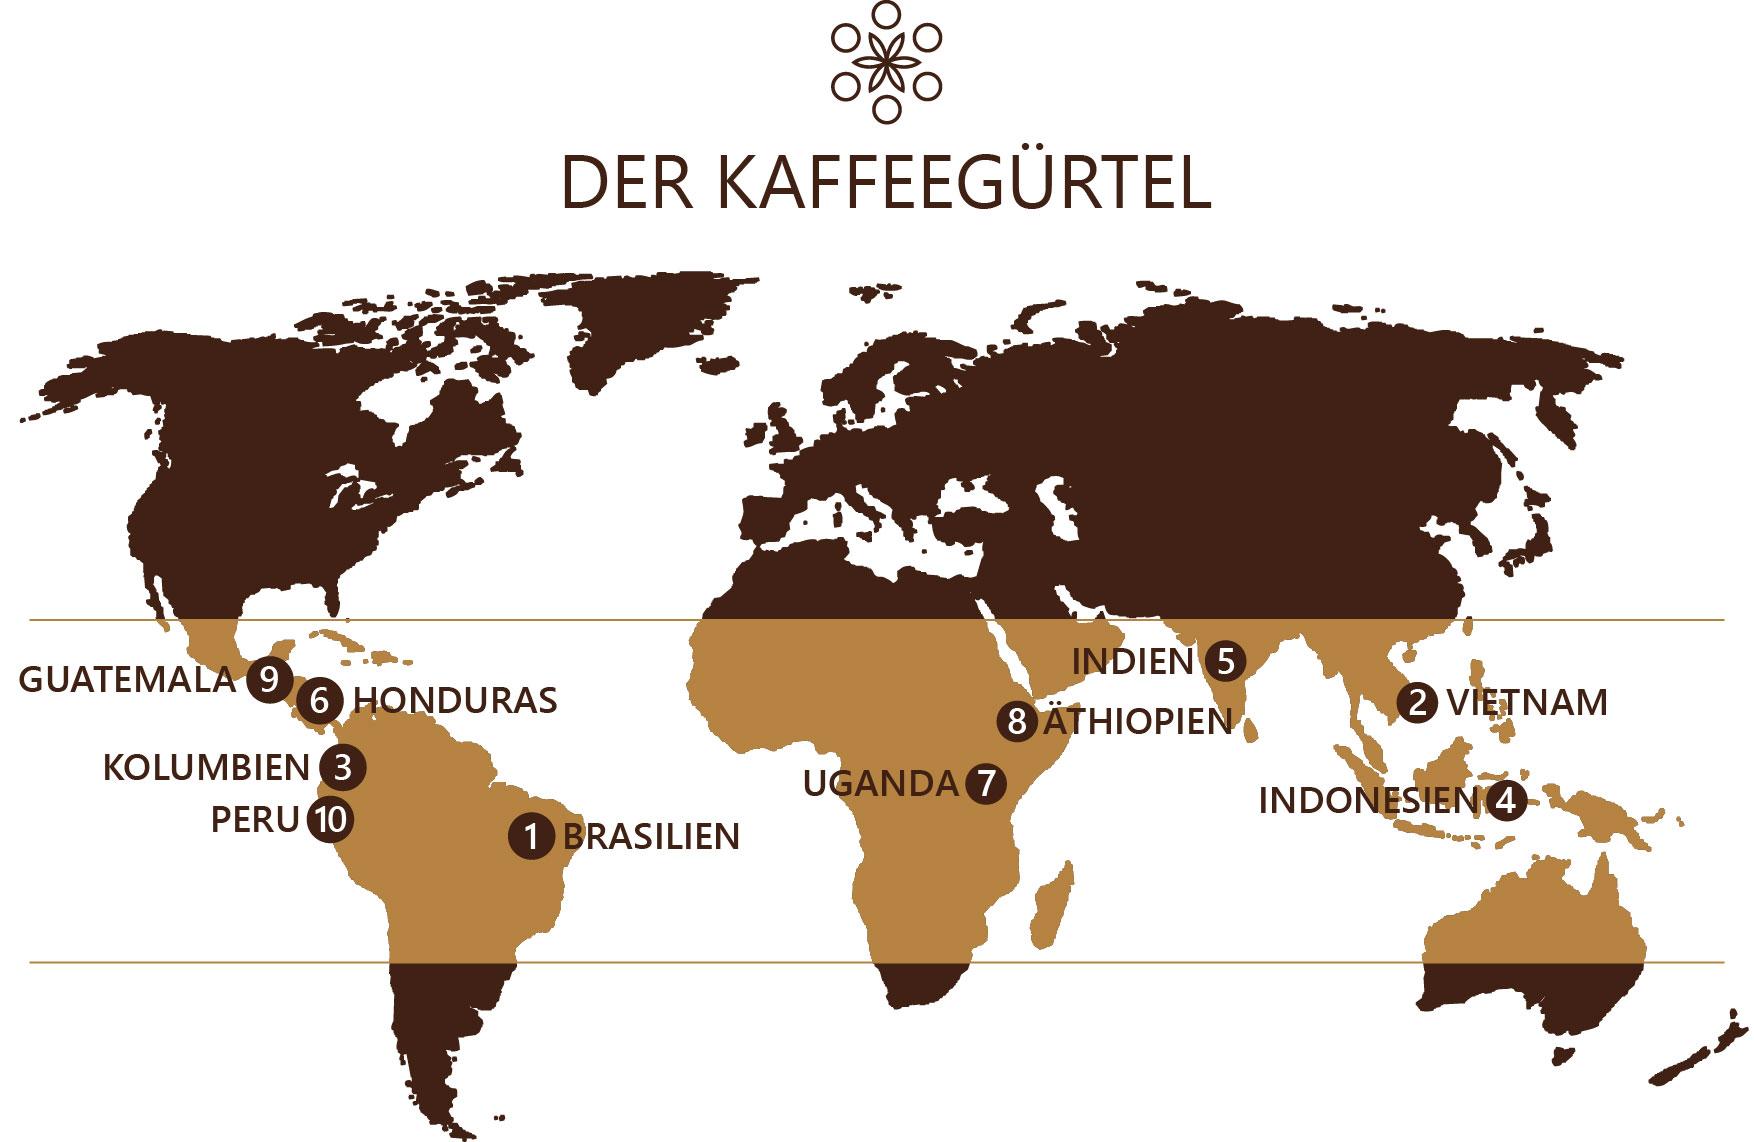 Weltweiten Anbaugebiete von Kaffee